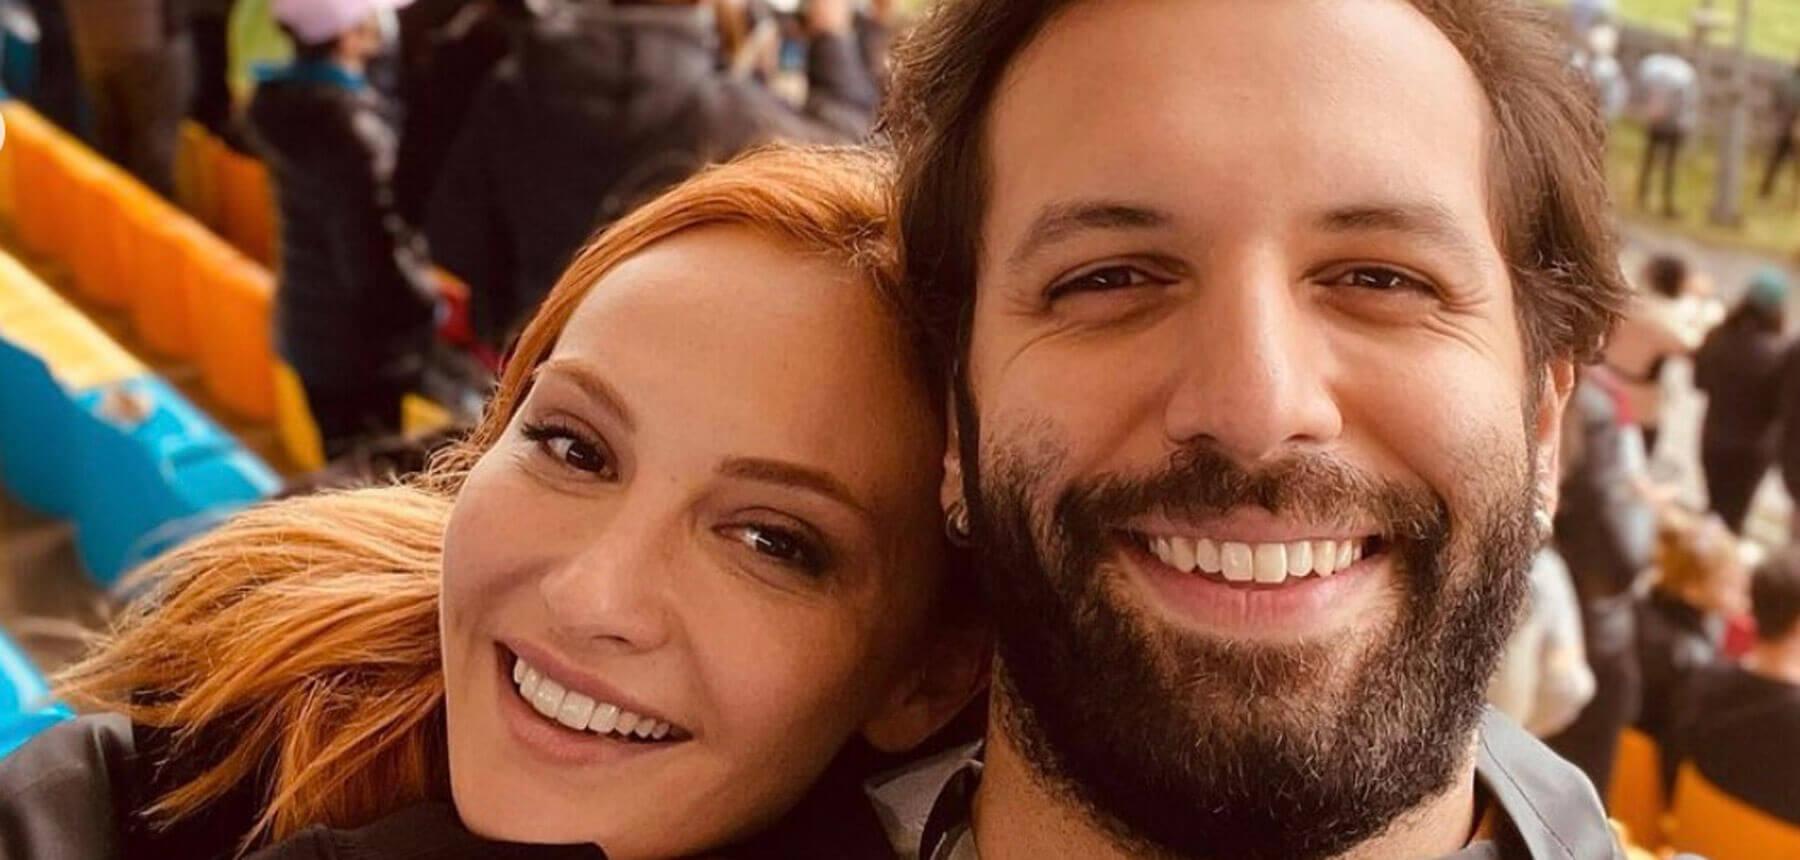 Pyril e Ferit di Love is in the Air stanno insieme (per davvero): nuova coppia nata sul set